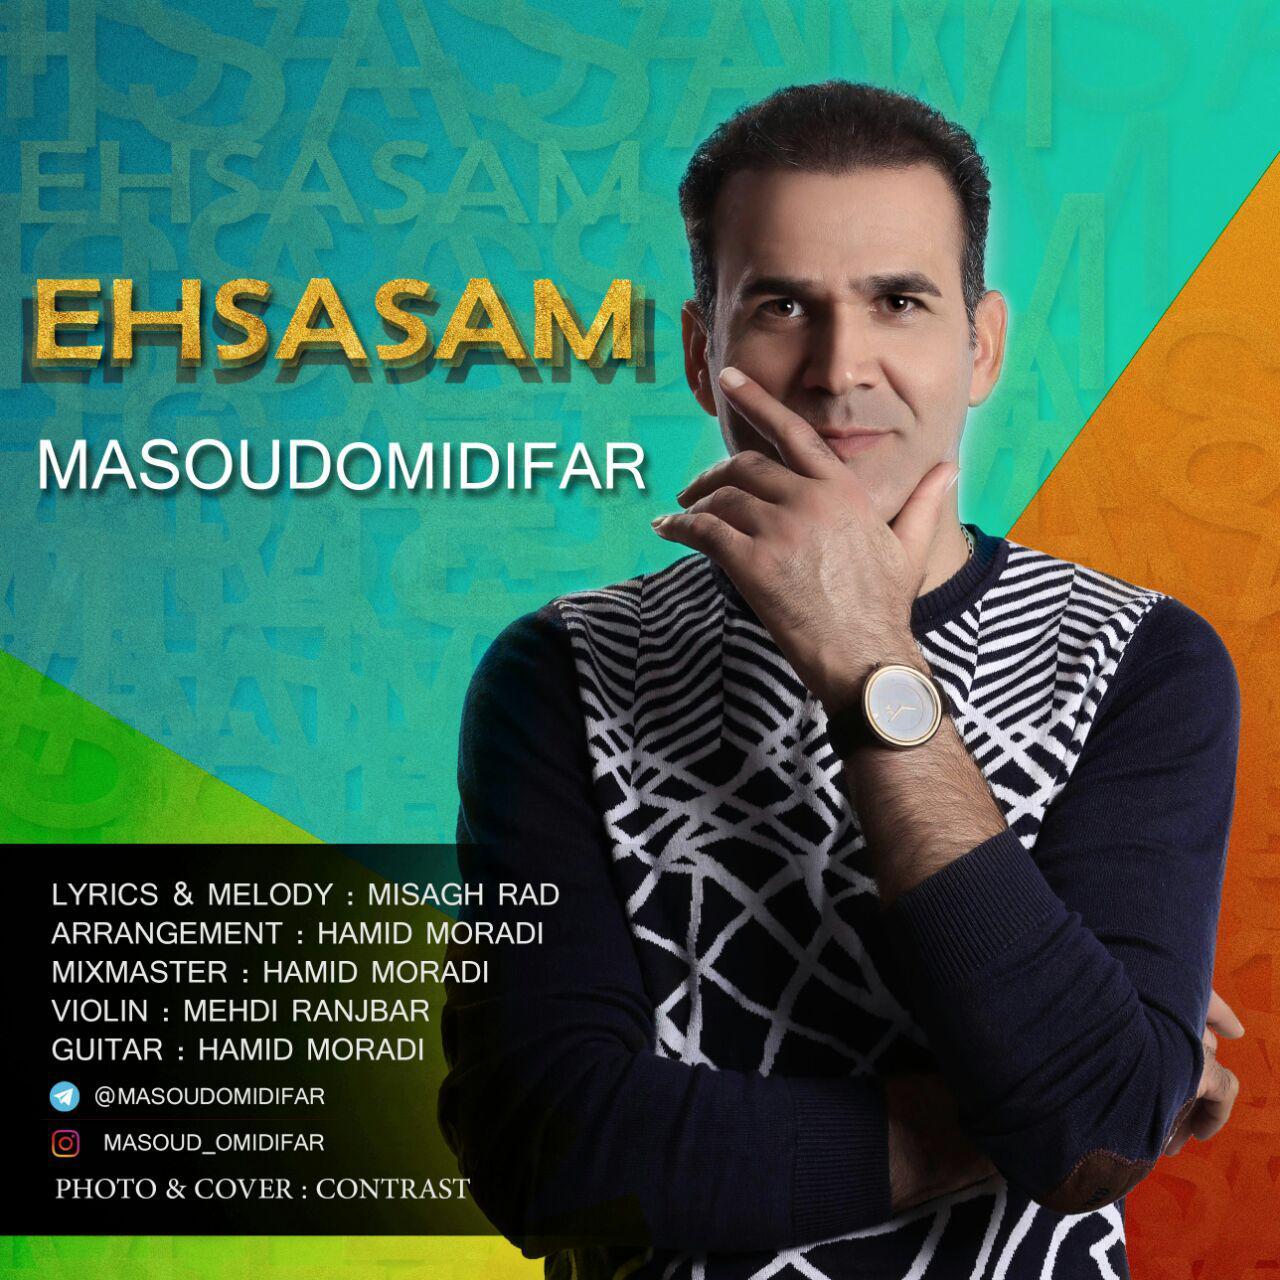 دانلود آهنگ جدید مسعود امیدی فر بنام احساسم